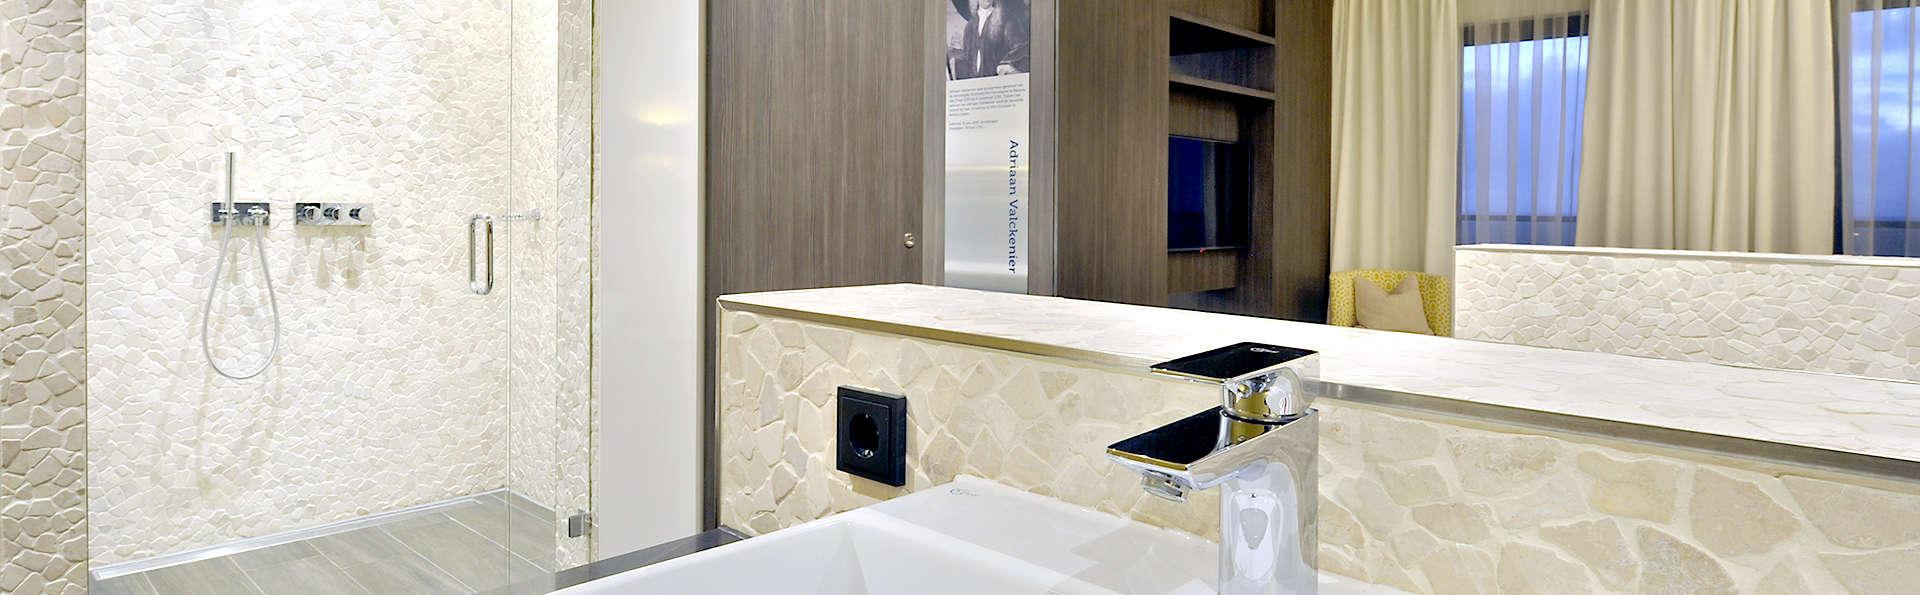 Van der Valk Hotel Hoorn - Edit_Bathroom.jpg